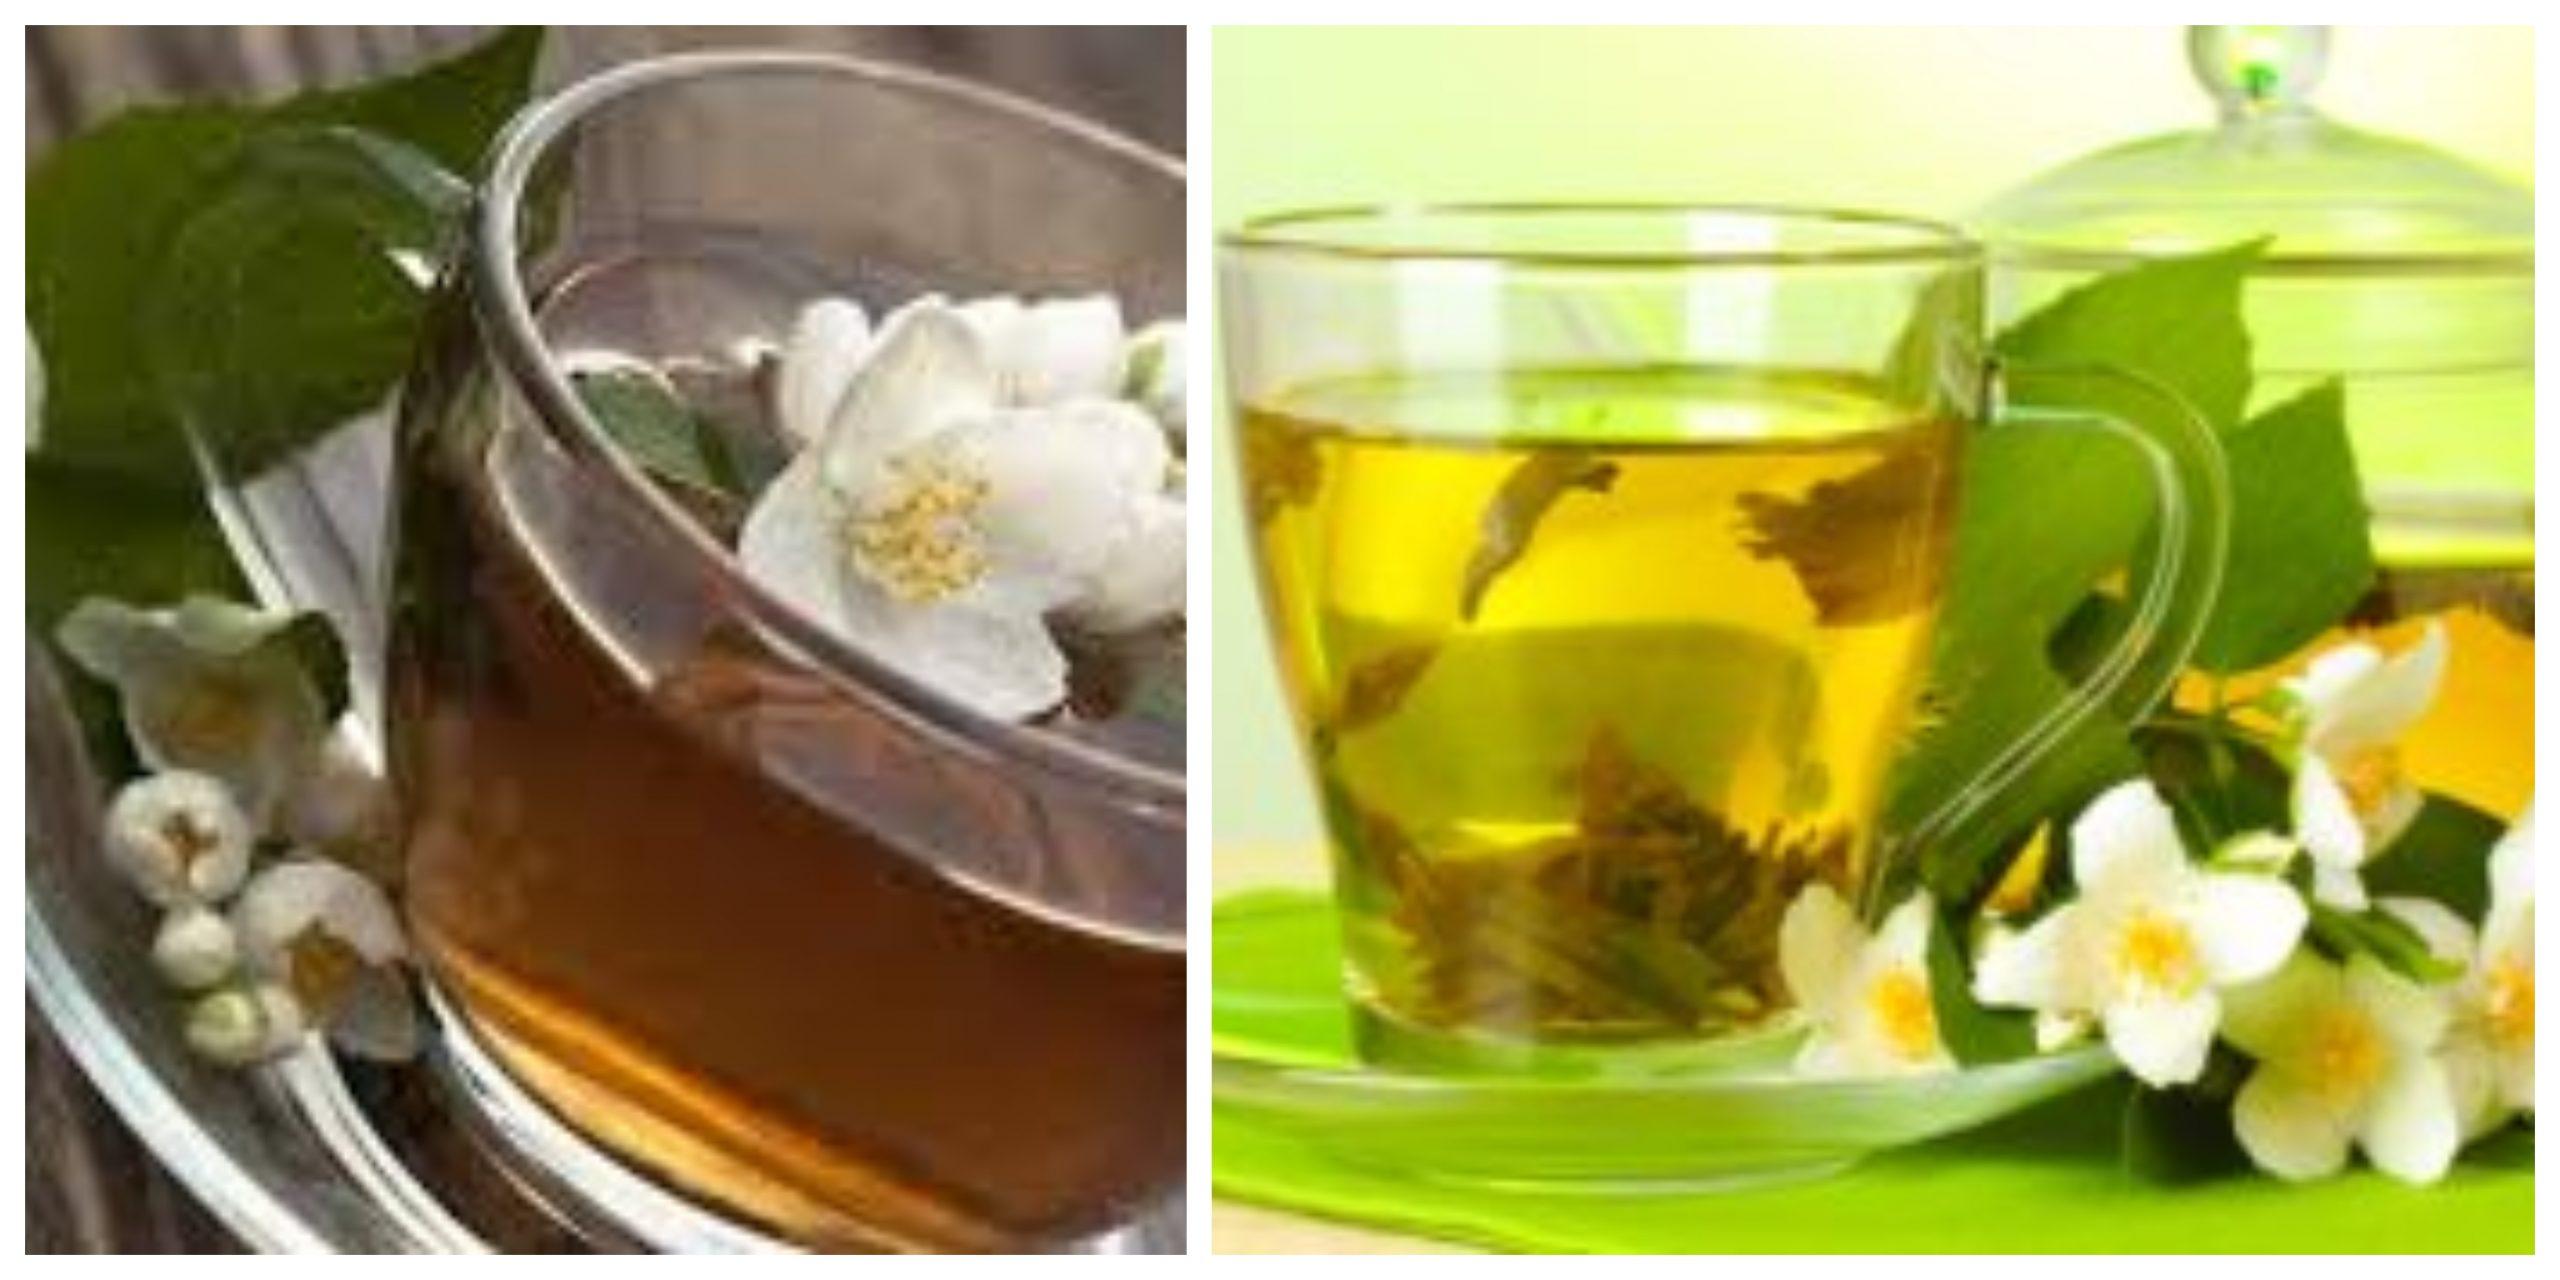 وصفات لإعداد شاي الياسمين بطريقة سهلة في المنزل